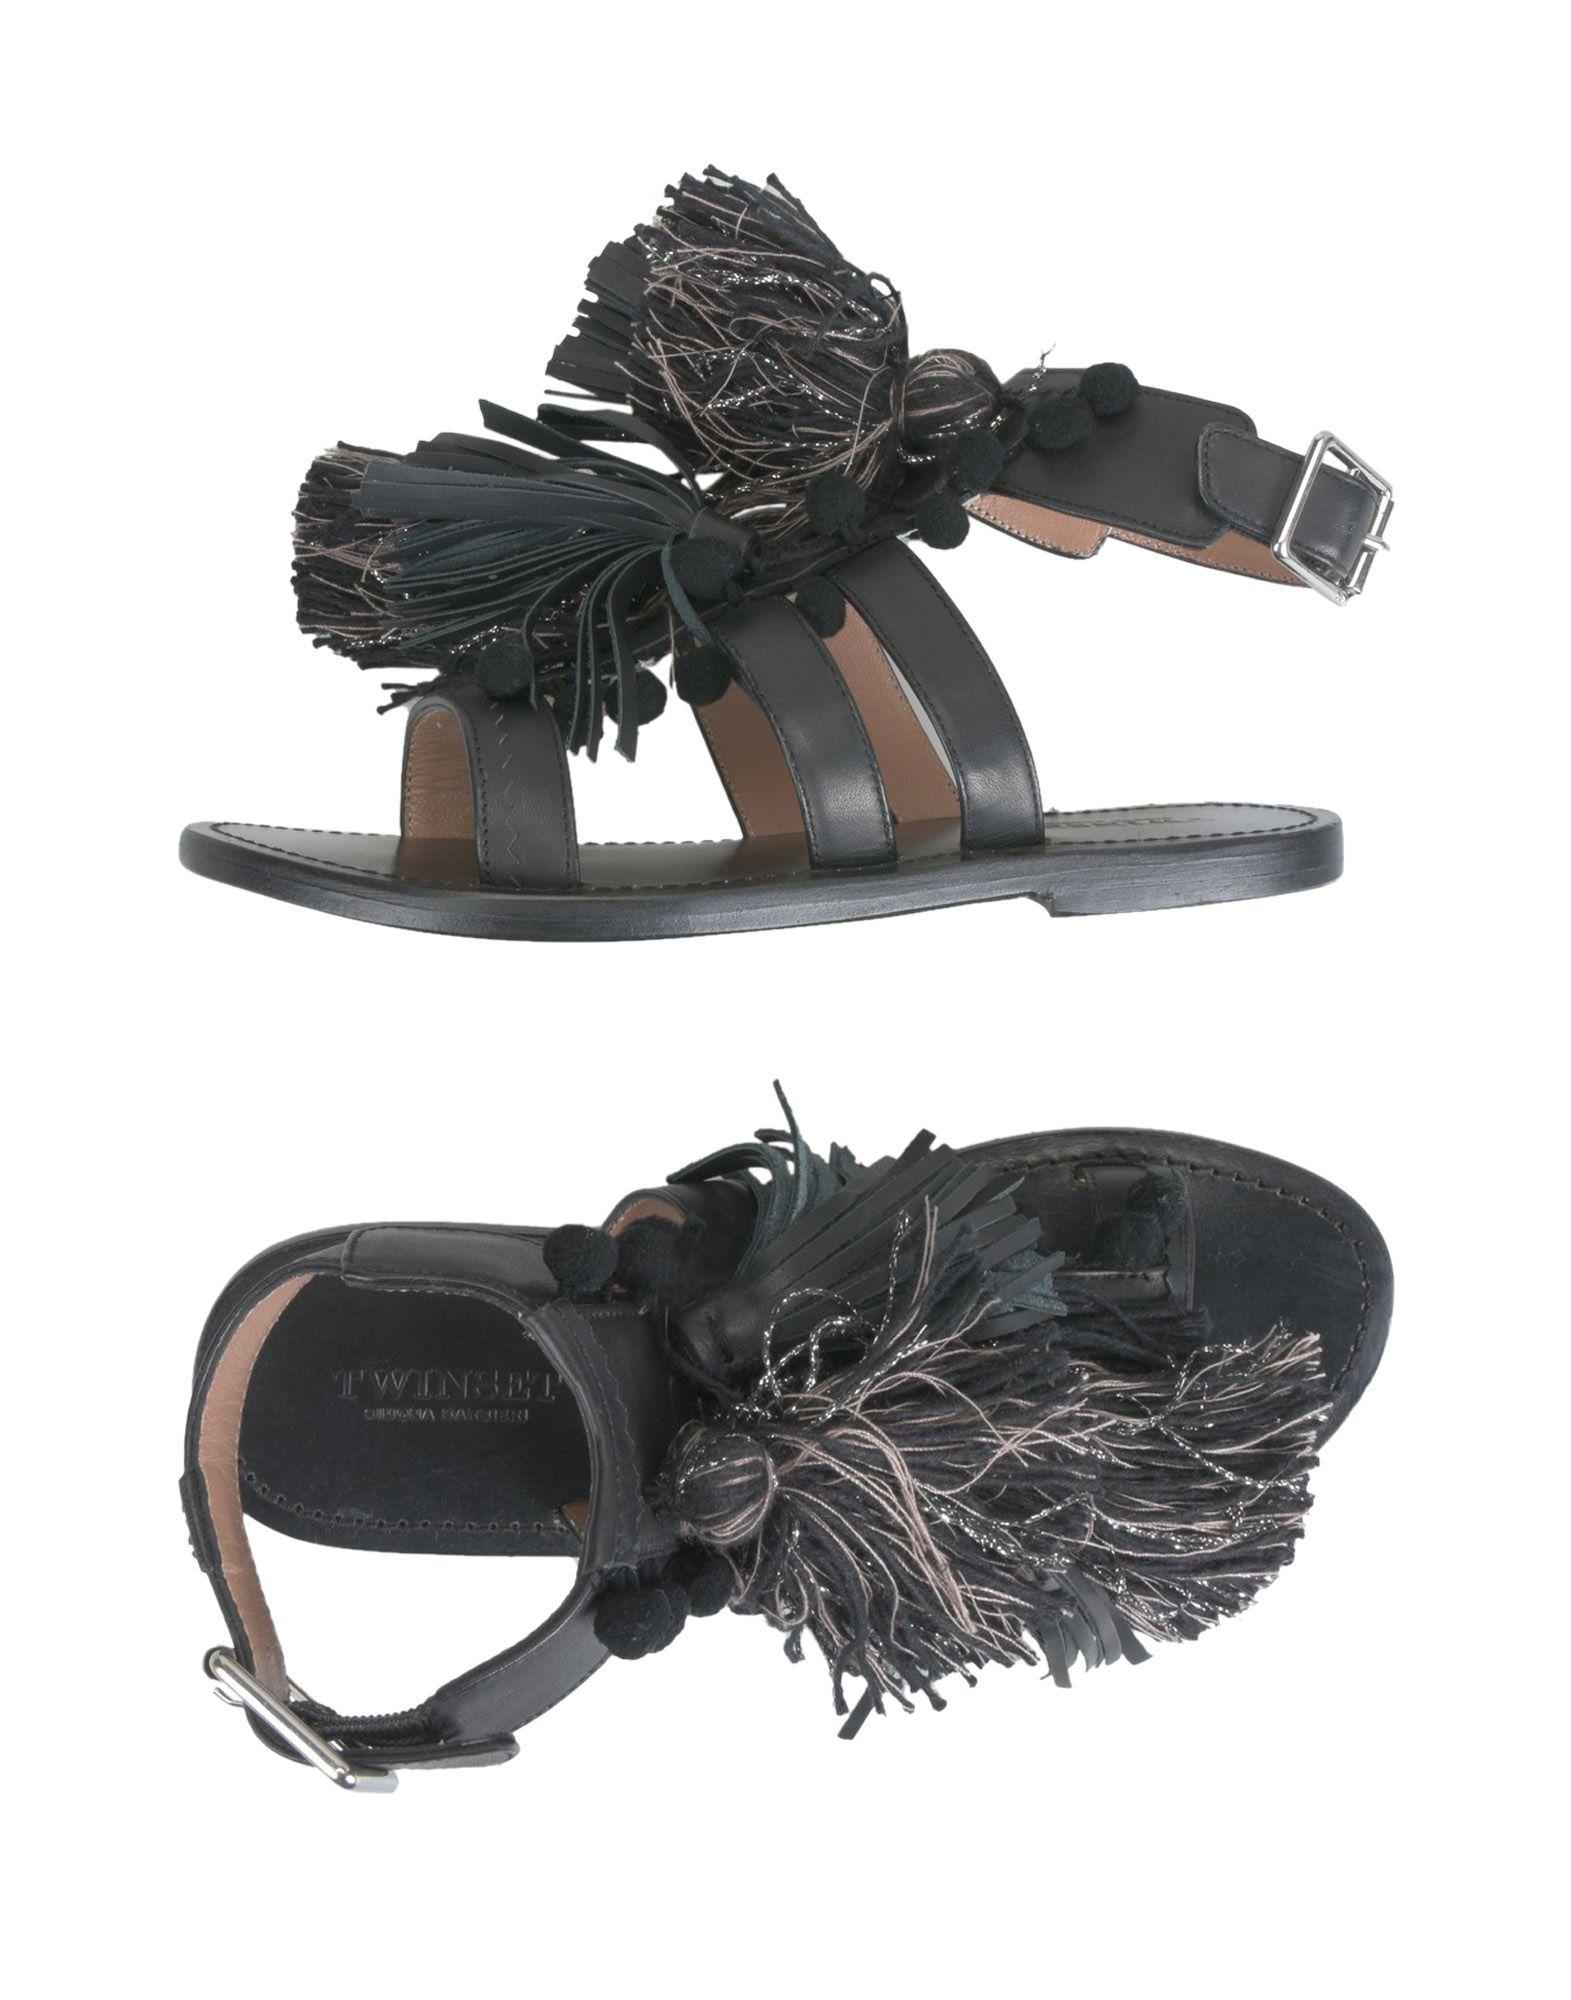 Gut um 11327243IT billige Schuhe zu tragenTwin 11327243IT um ad1ead